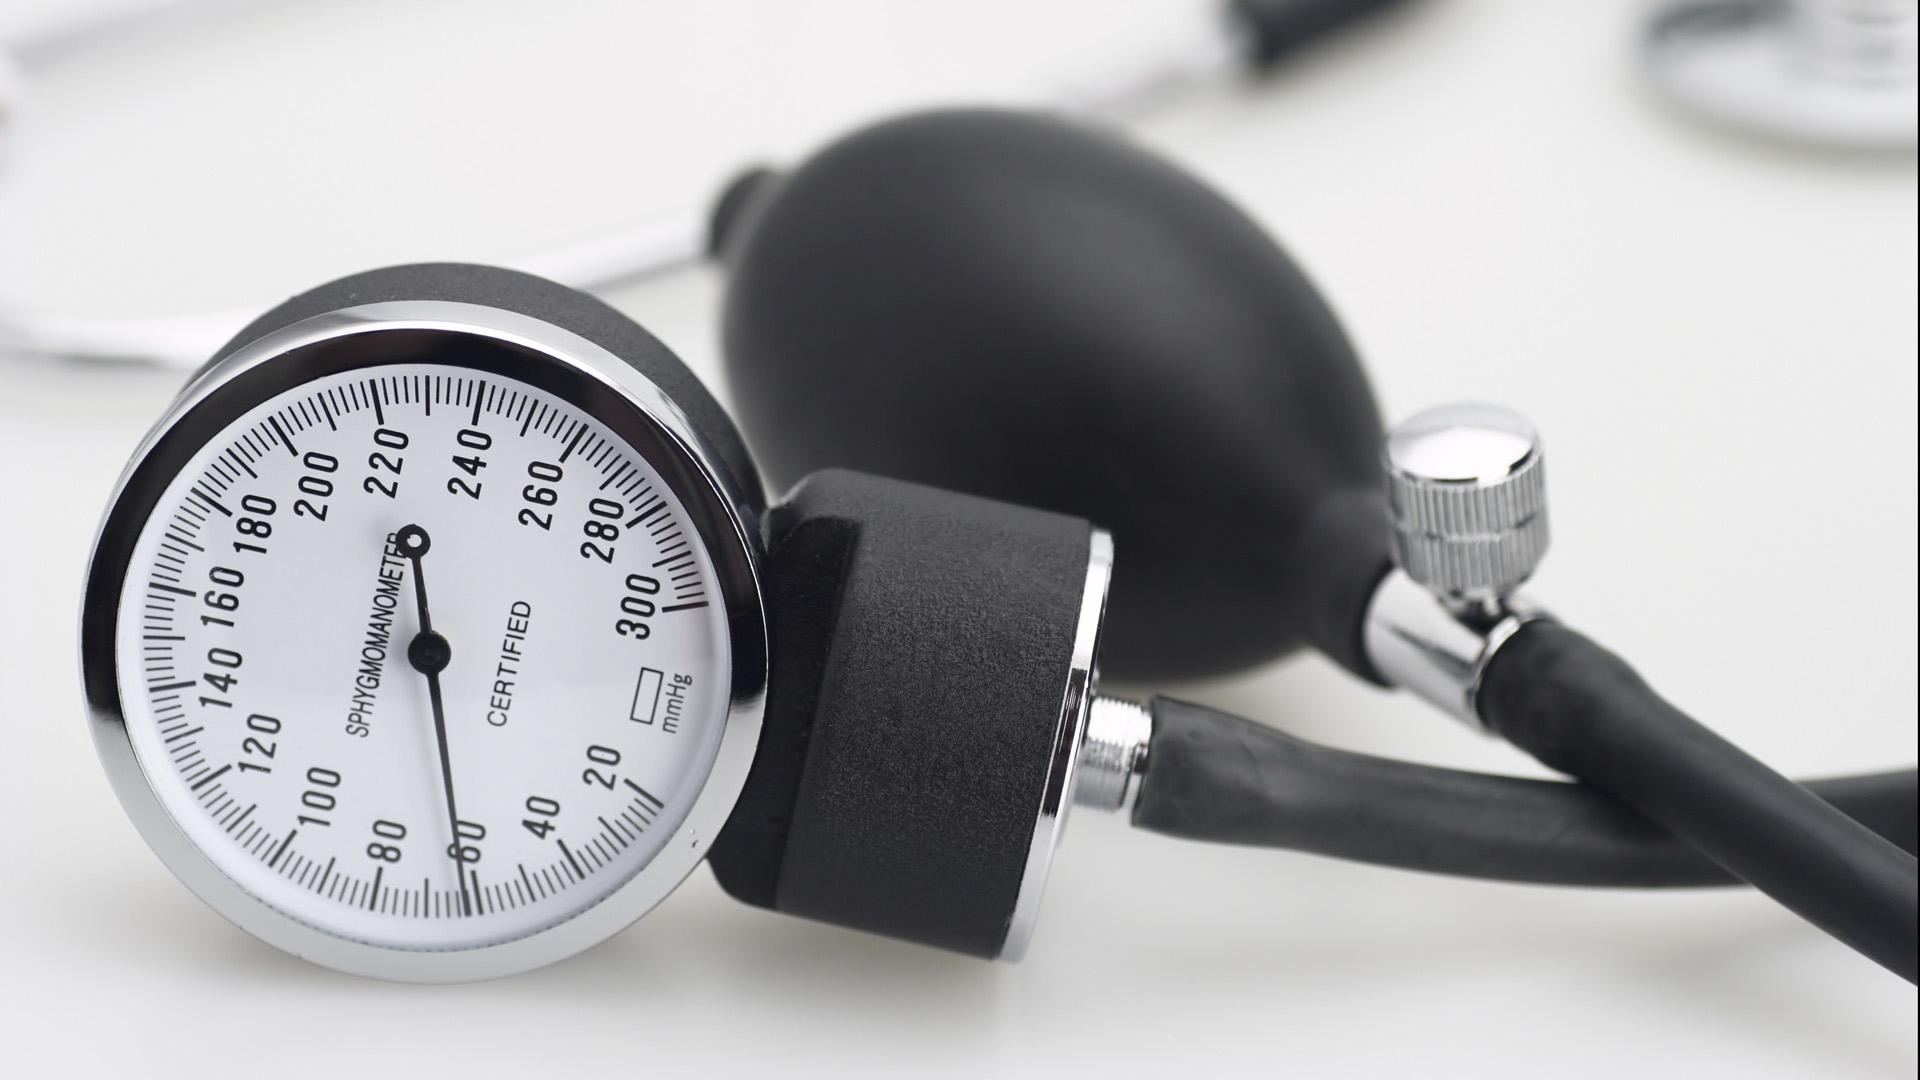 Haciendo 30 minutos diarios de ejercicios, disminuyendo el consumo de sal y aumentando el consumo de potasio tus niveles de tensión pueden disminuir